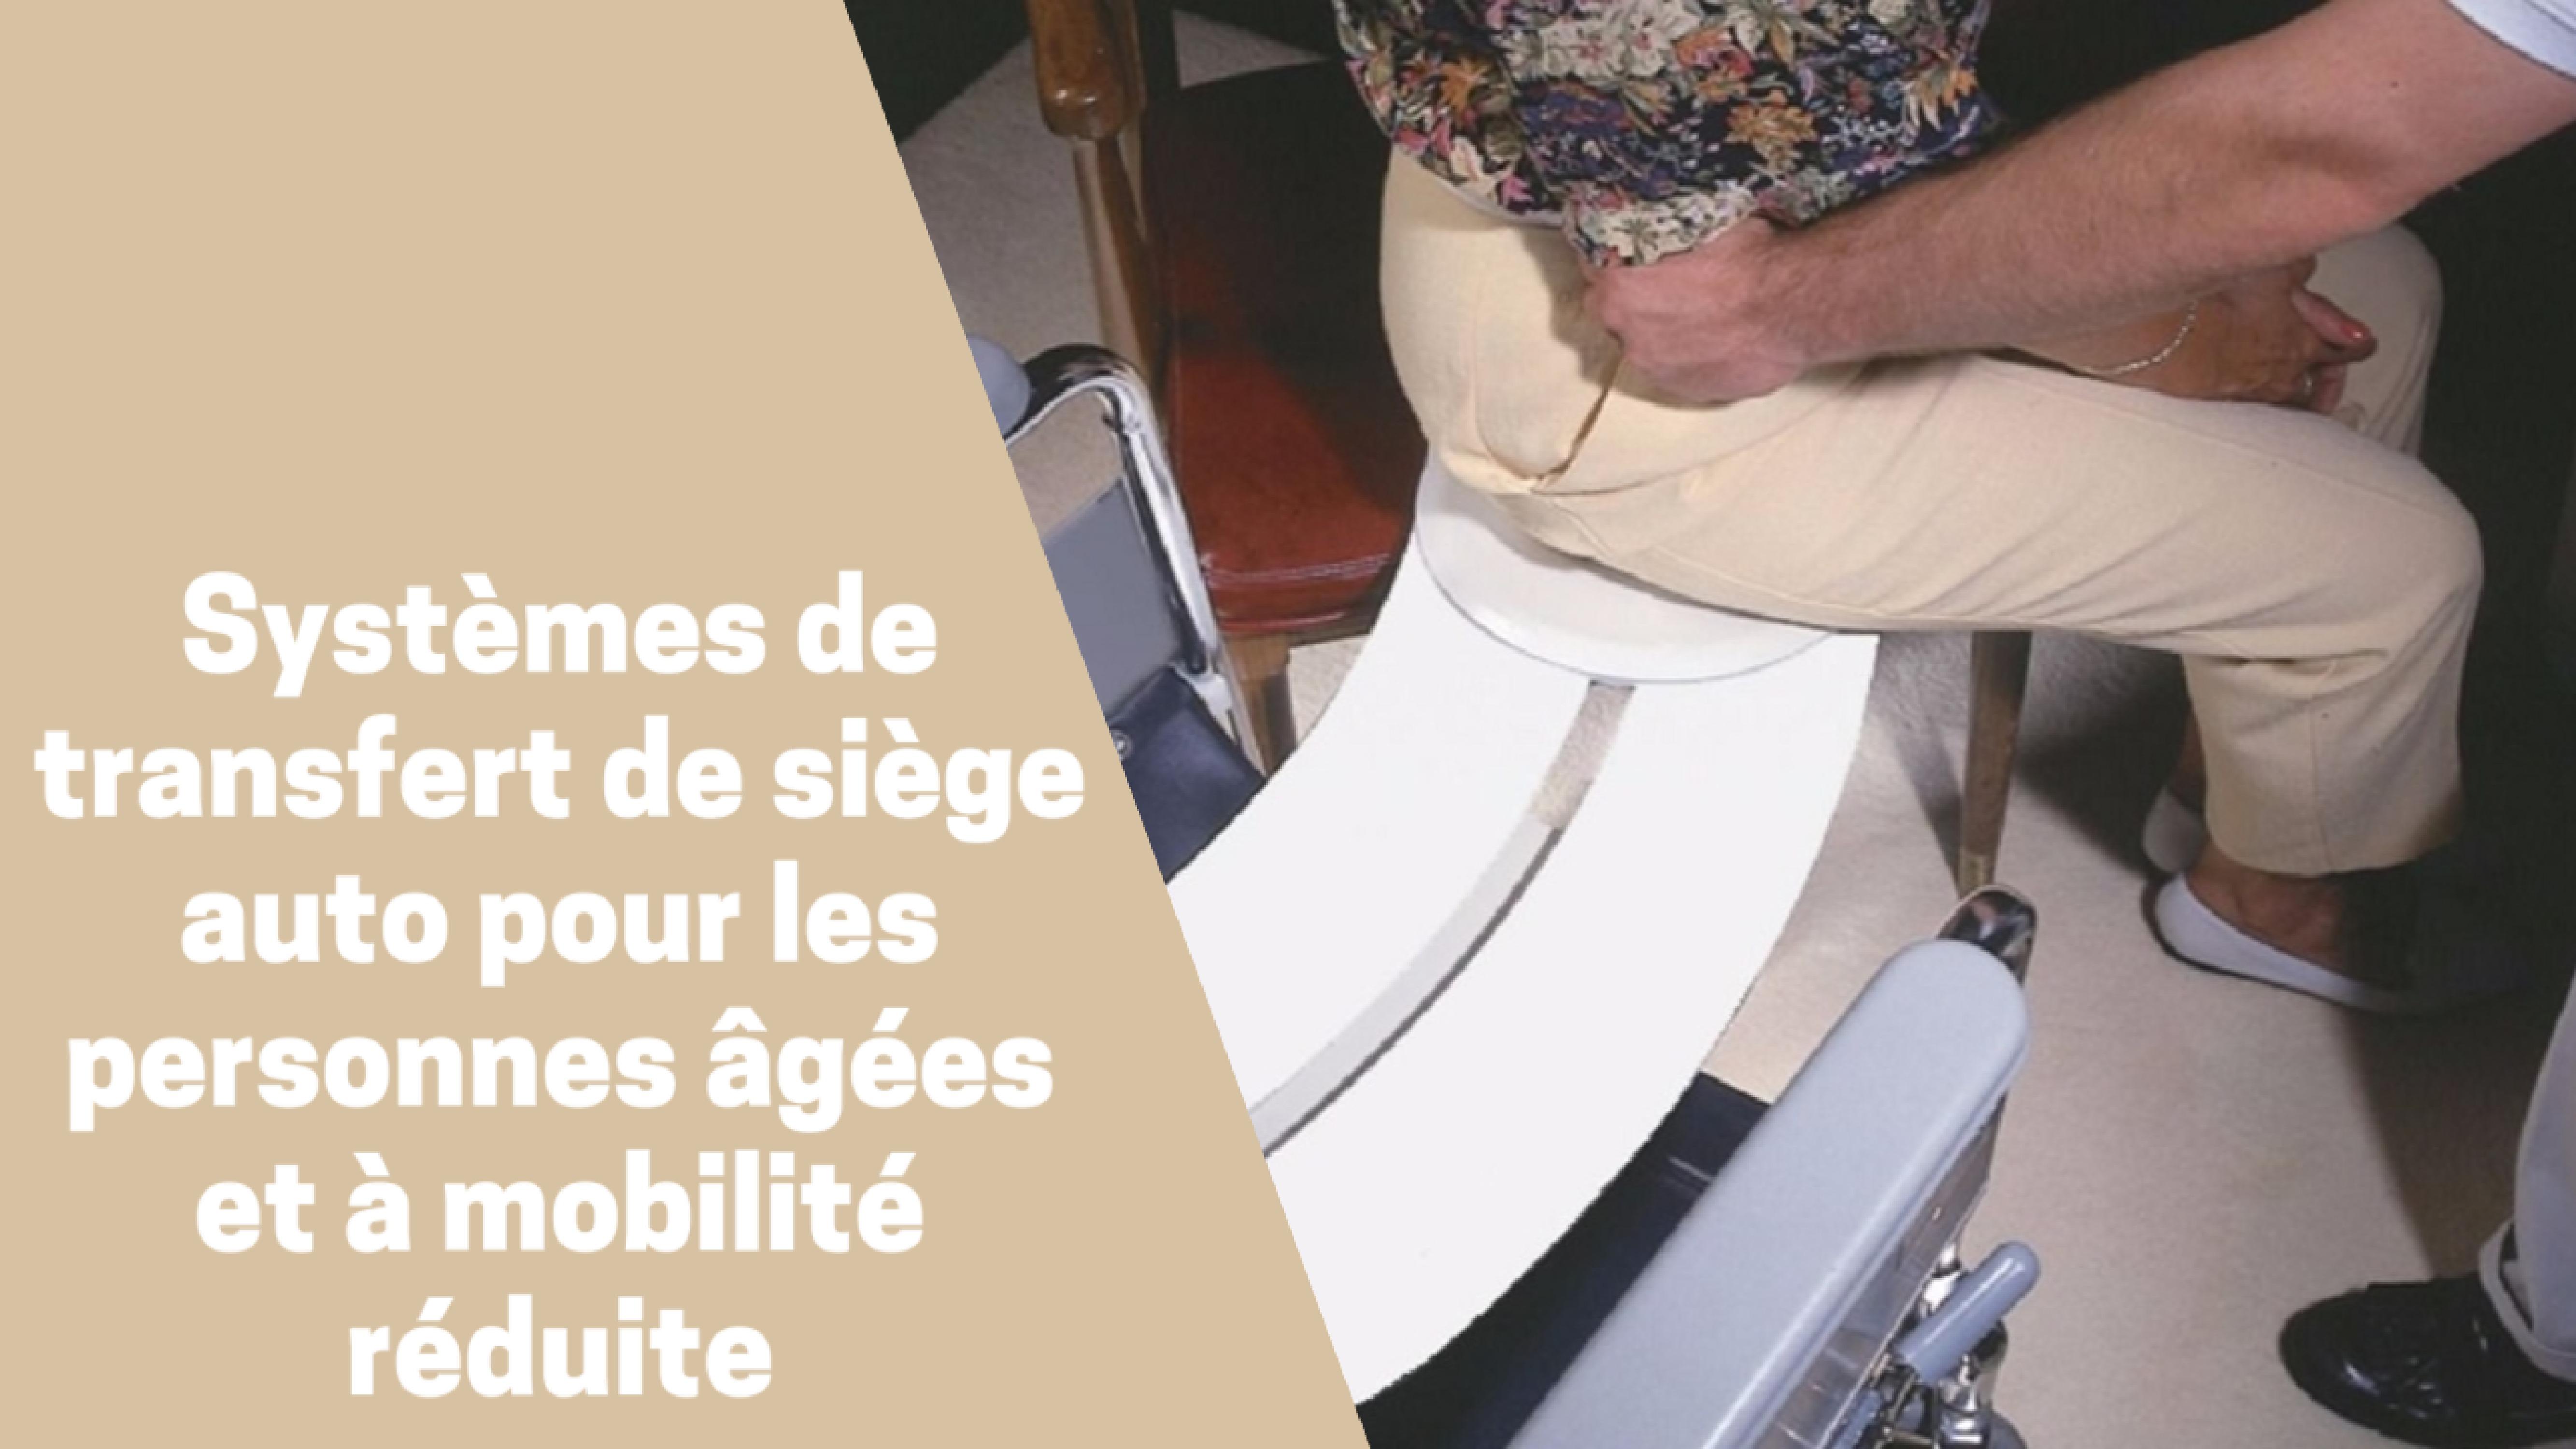 Photo de Meilleurs systèmes de transfert de siège d'auto du moment pour personnes âgées 2020